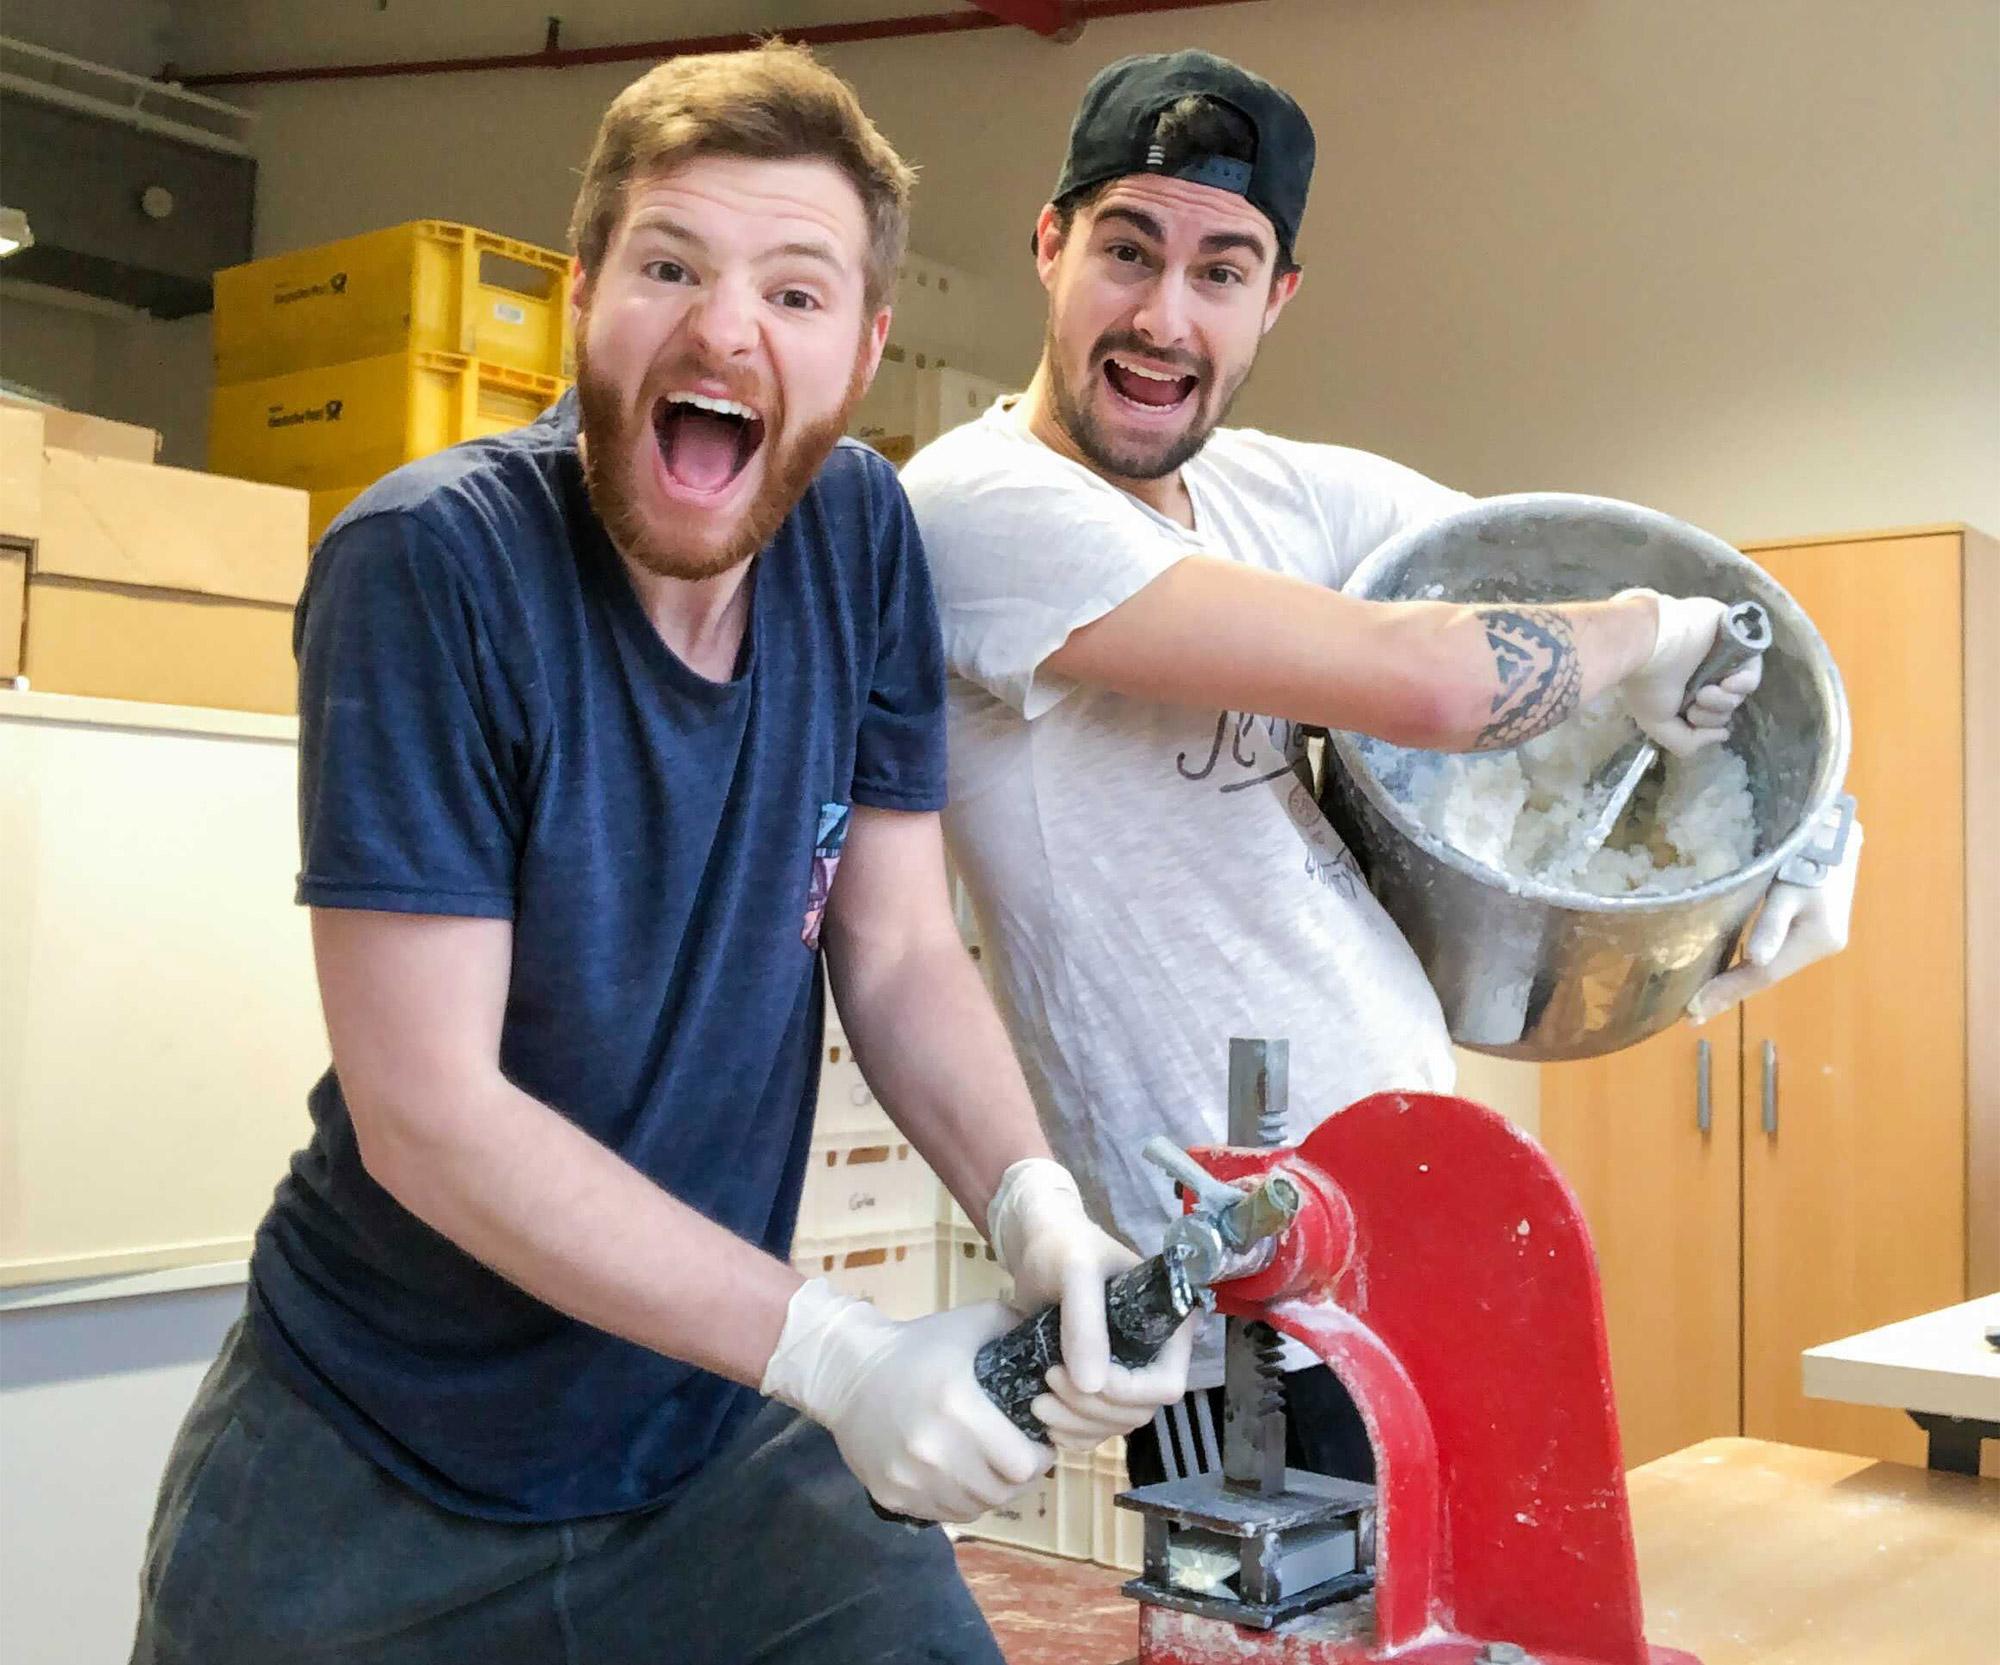 Die Gründer bei der Herstellung des Duschbrockens